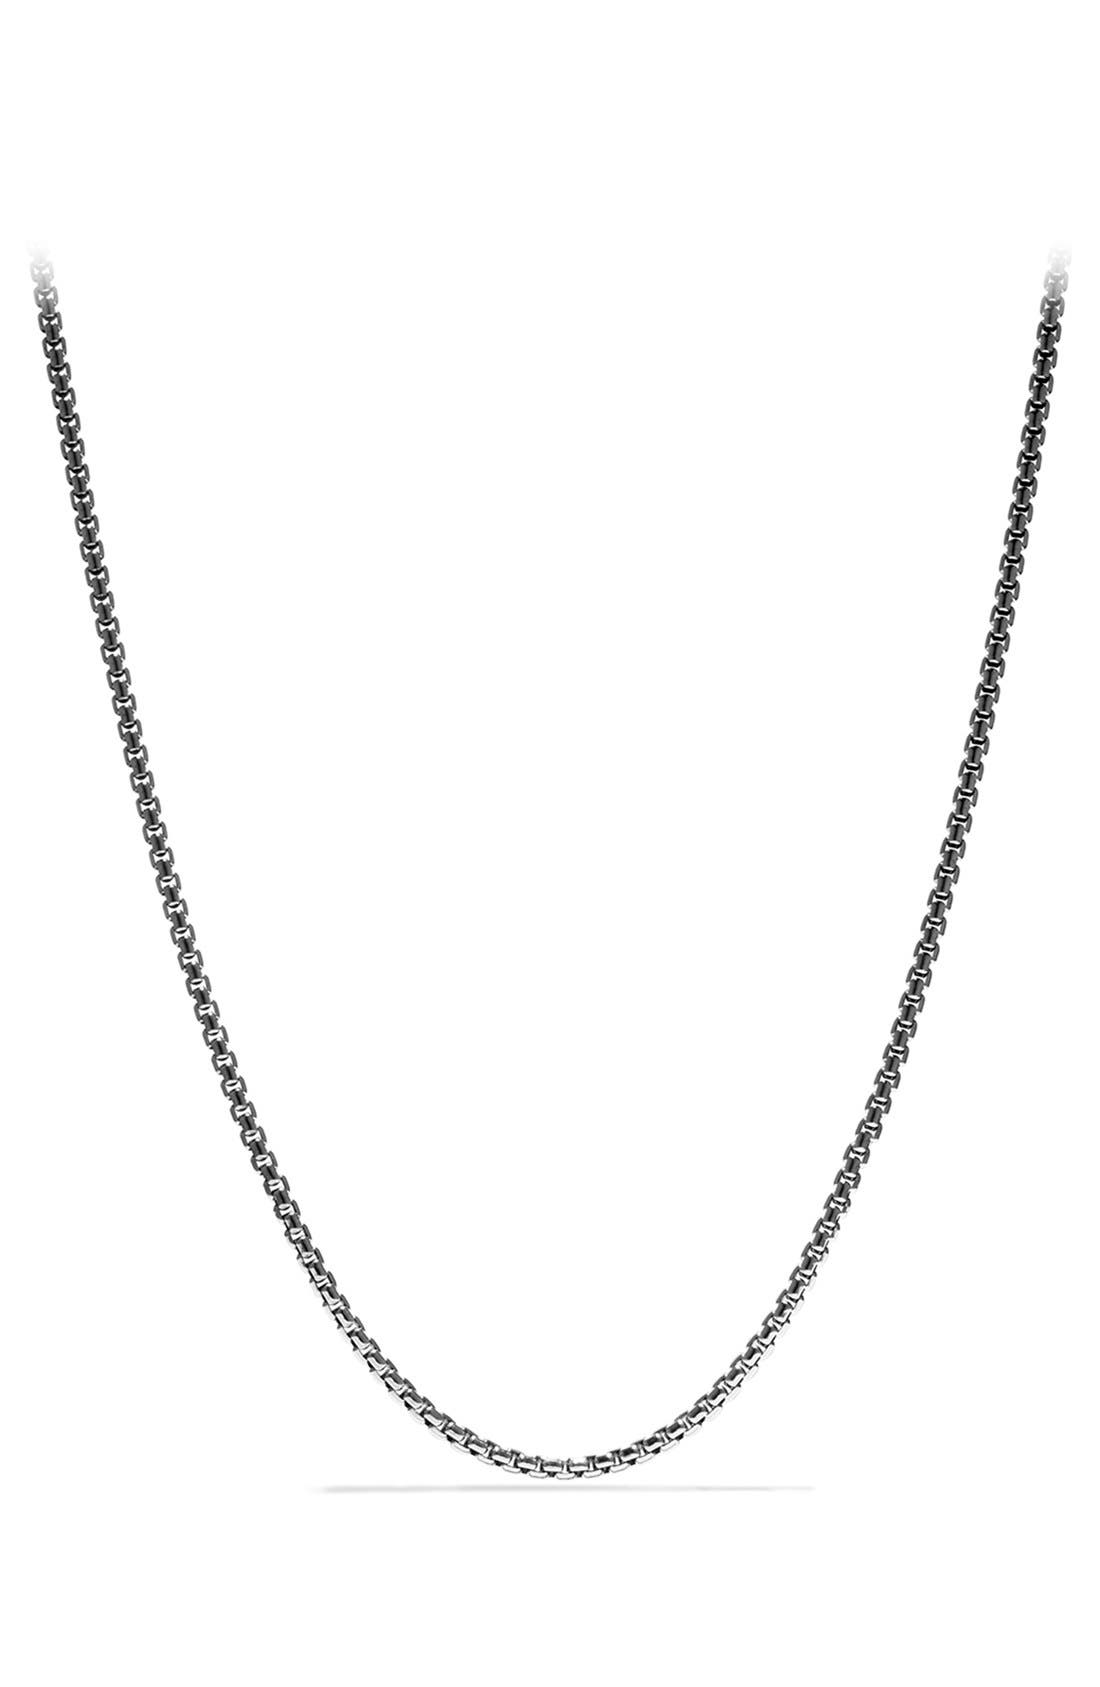 David Yurman 'Chain' Medium Box Chain Necklace